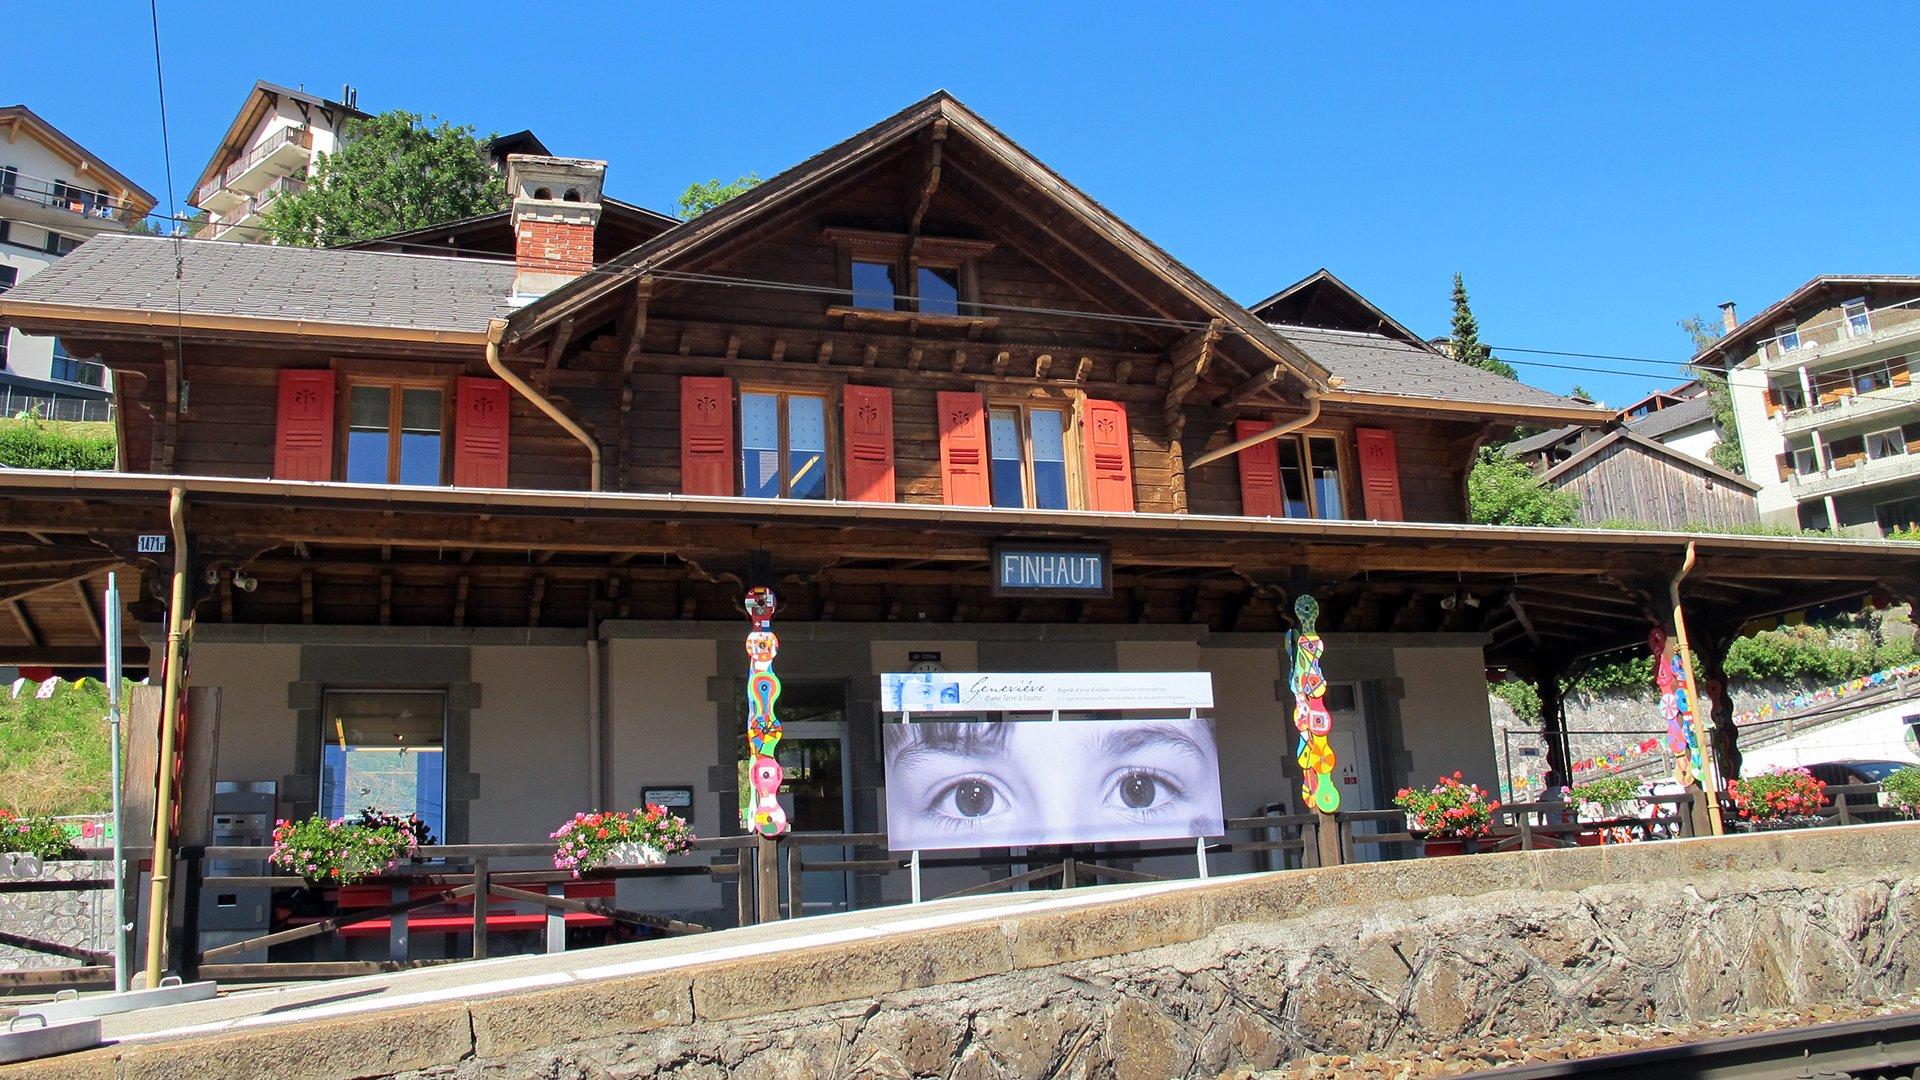 Gare de Finhaut / info point